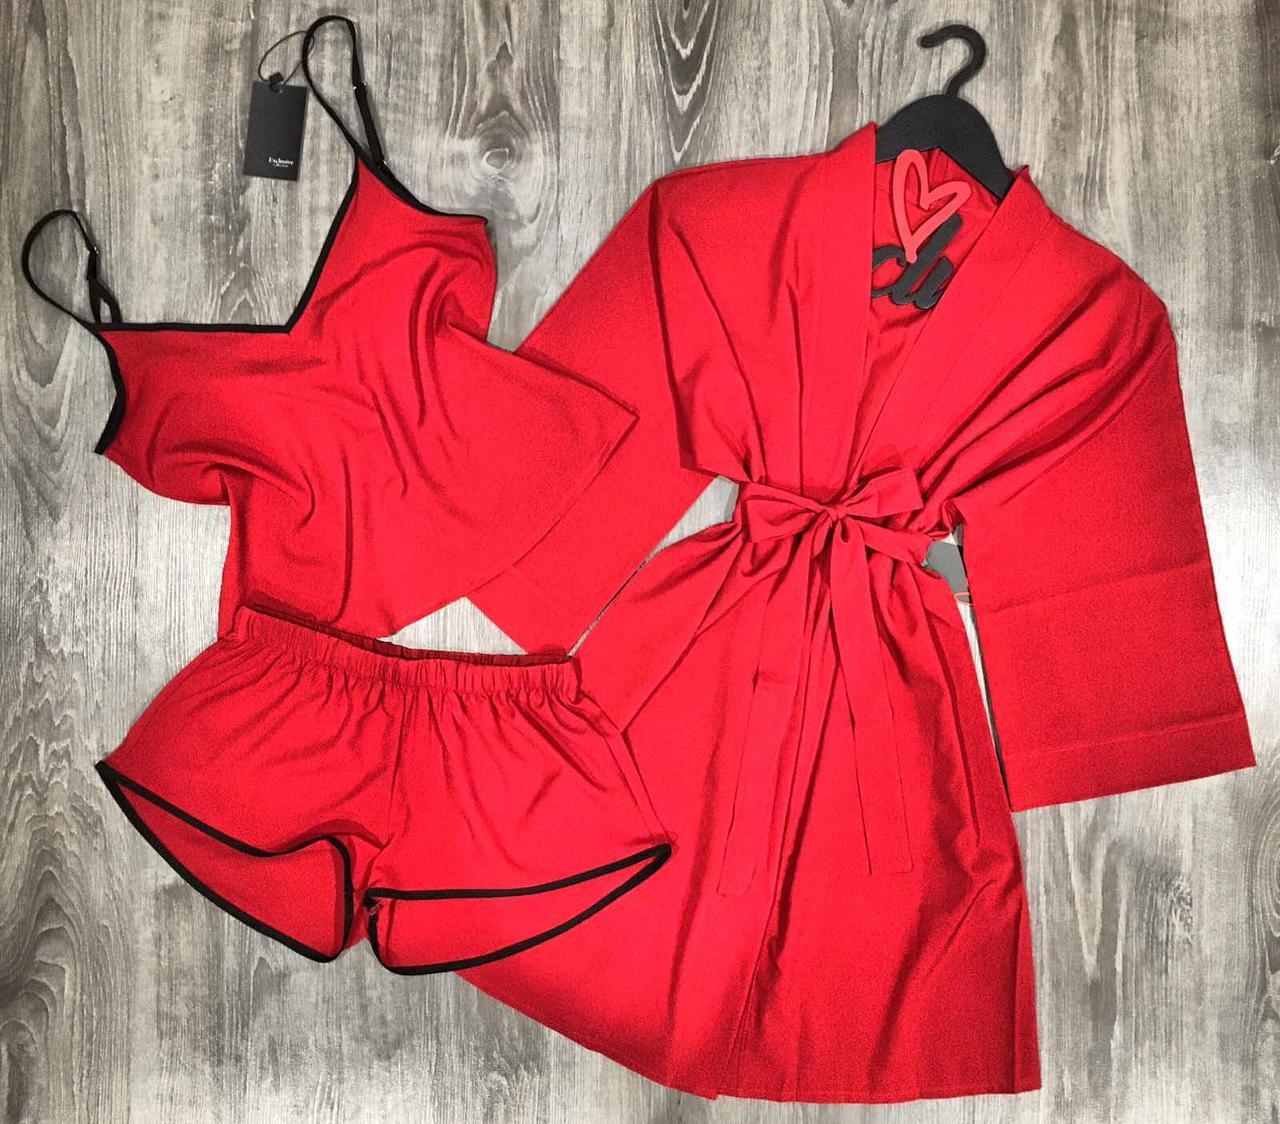 Красный комплект домашней одежды халат+пижама( майка и шорты).